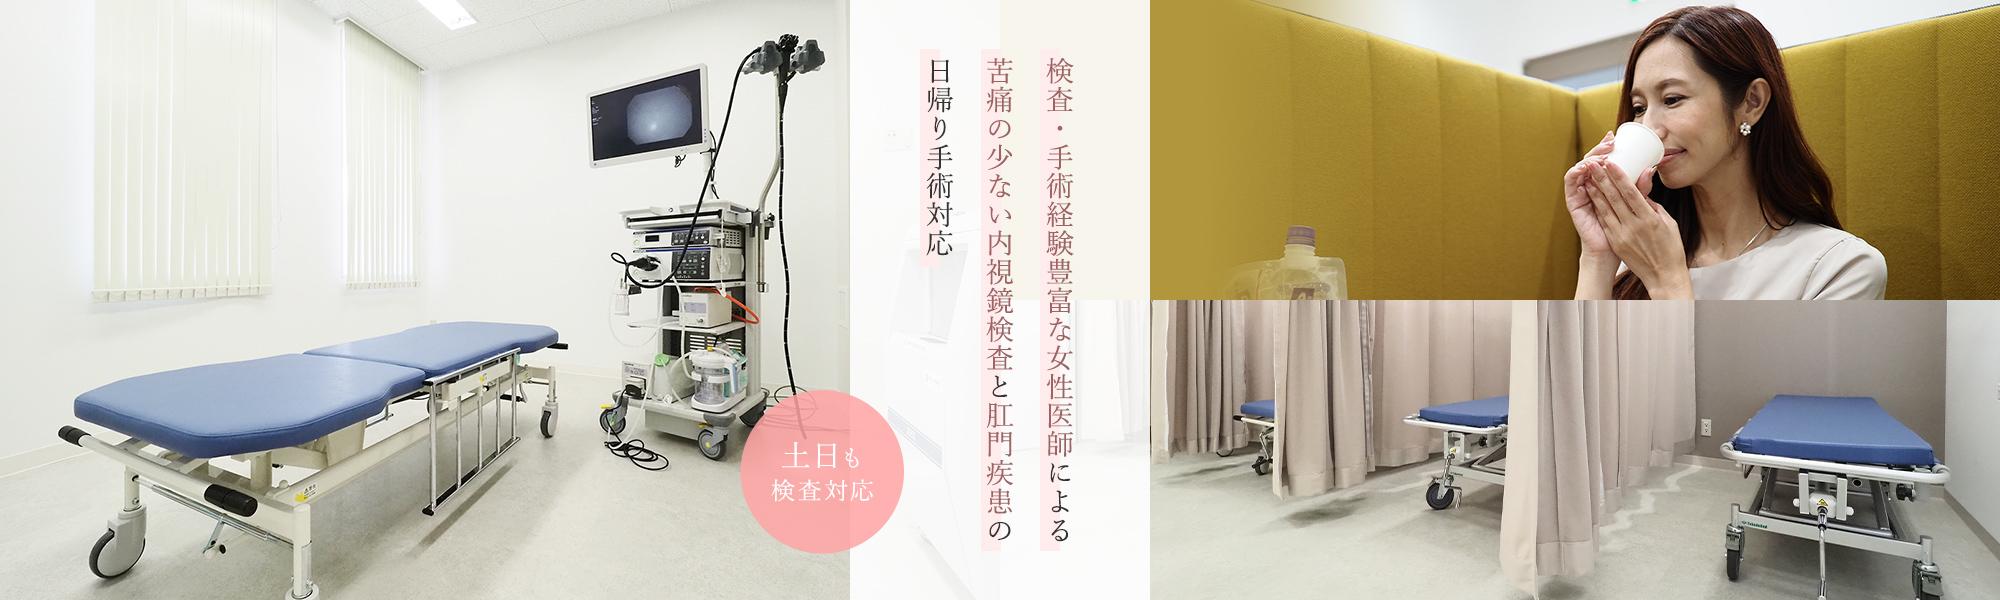 女性でも安心してご来院できる環境づくりに努めております性感染症治療やピルの処方も行っております